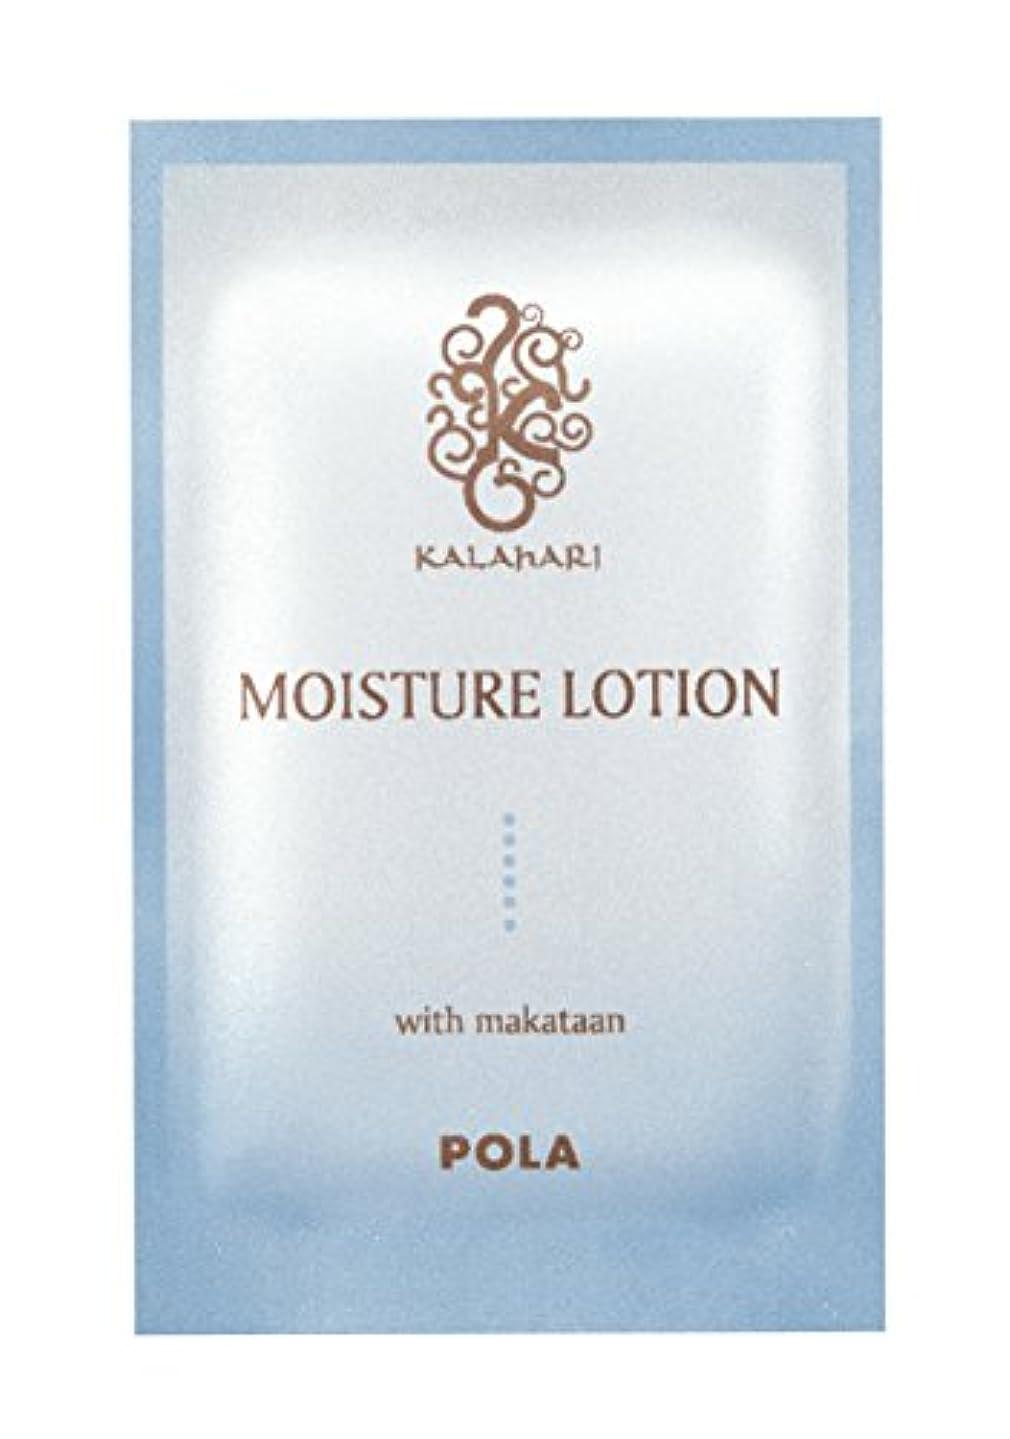 デマンド識別するブロッサムPOLA ポーラ カラハリ モイスチャーローション 化粧水 個包装 2mL×100包